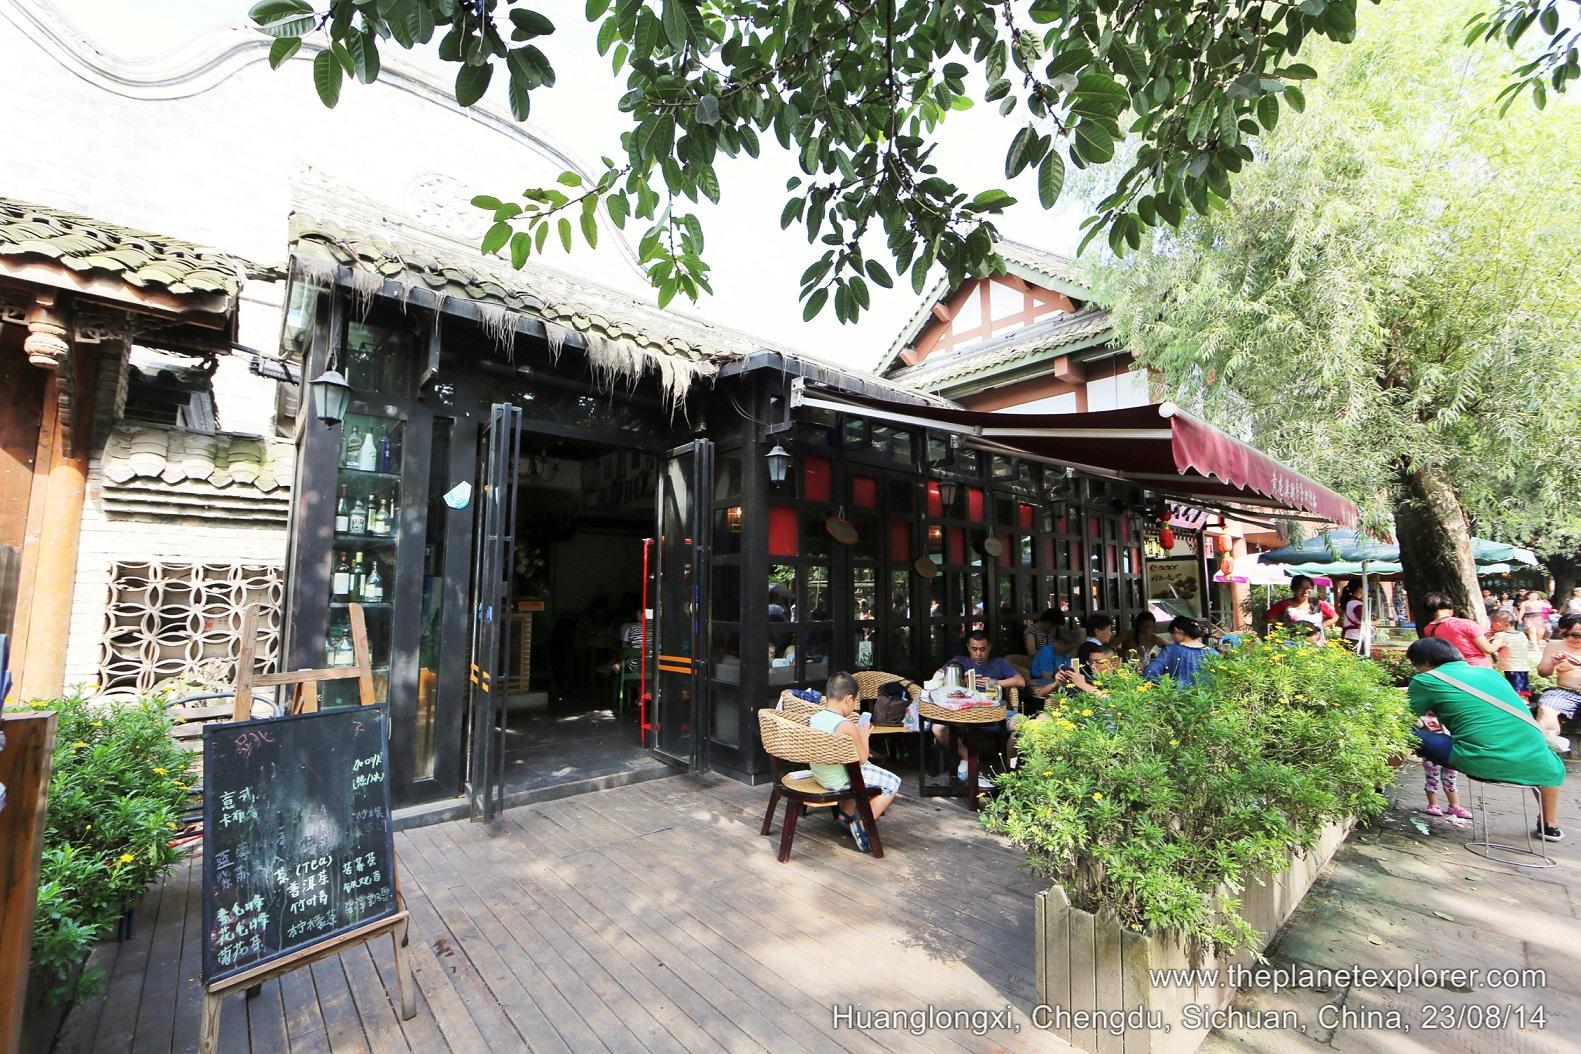 2014-08-23_1601_china_sichuan_chengdu_huanglongxi_tea-house_lr_nw